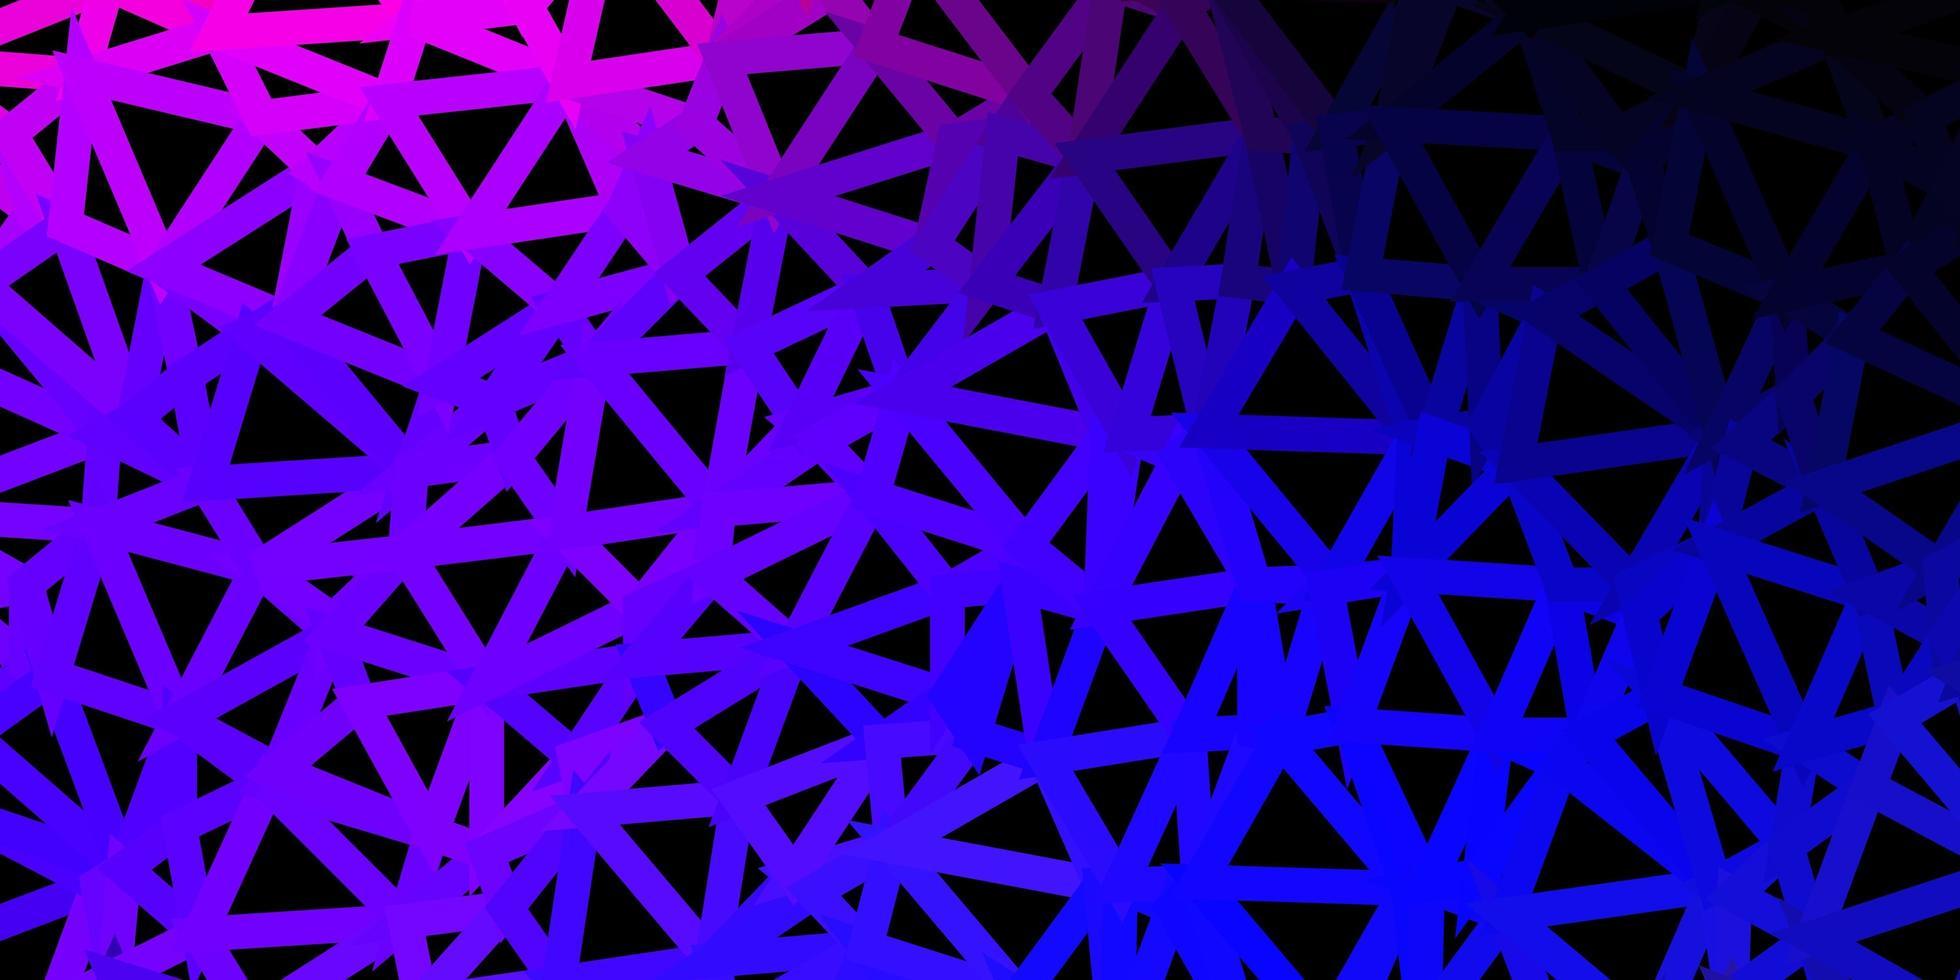 papier peint polygonale géométrique vecteur rose foncé, bleu.